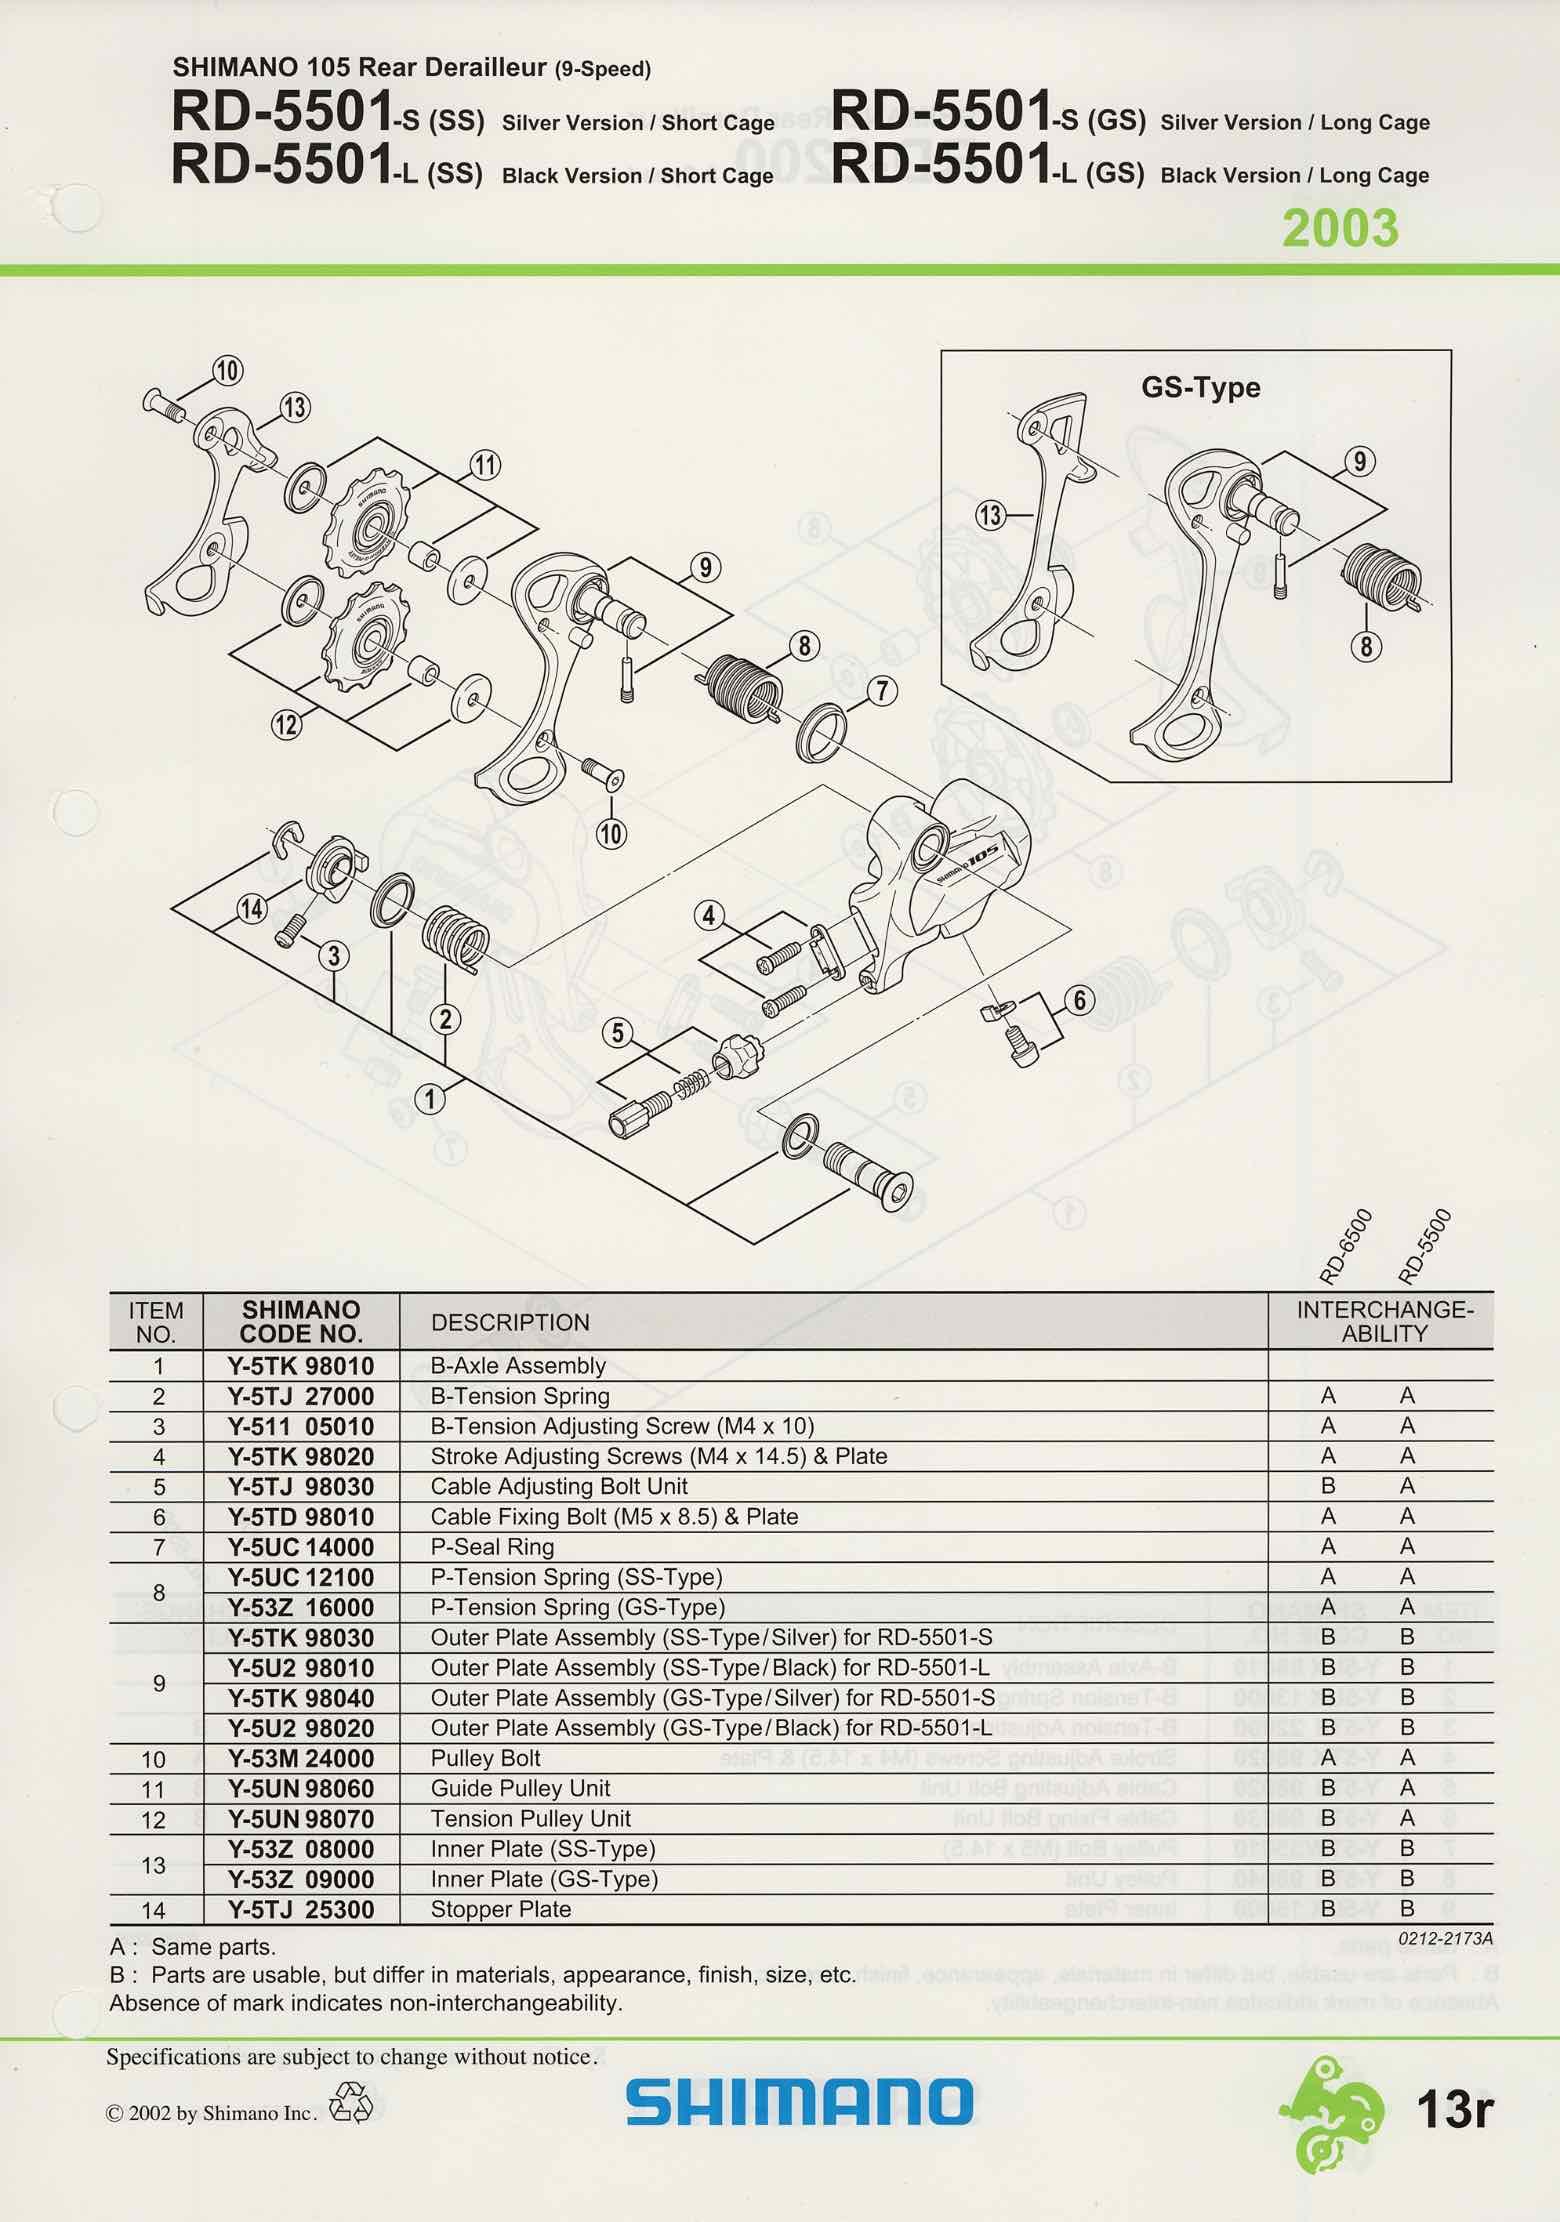 Shimano 105 Rear Derailleur Parts Diagram Great Installation Of